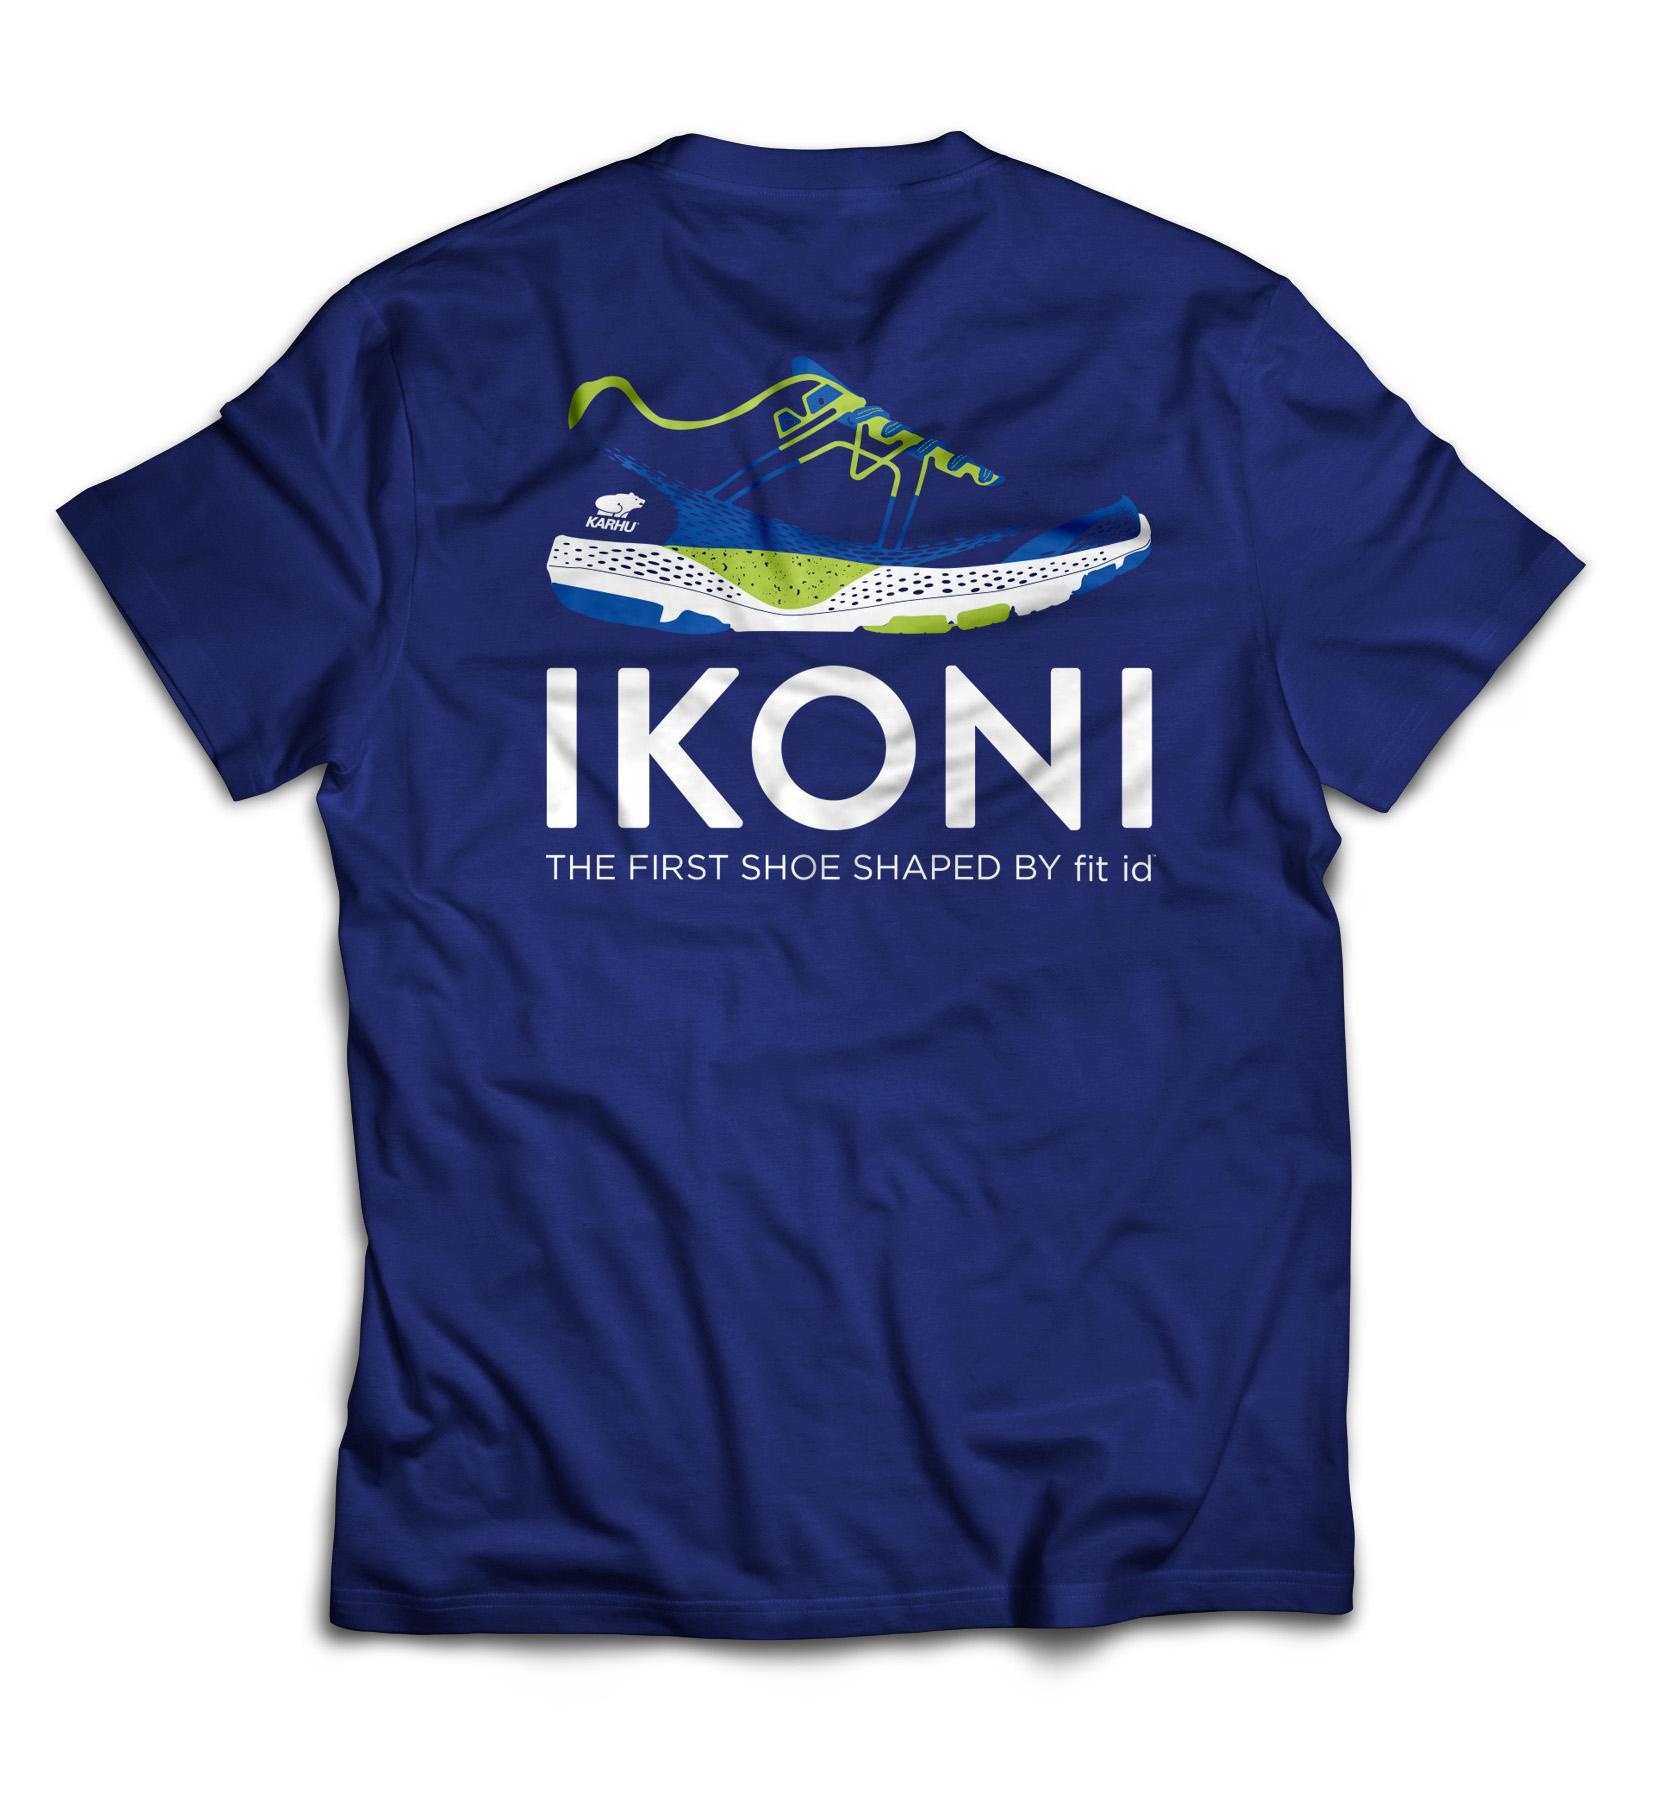 Ikoni_tshirt_v2_back.jpg